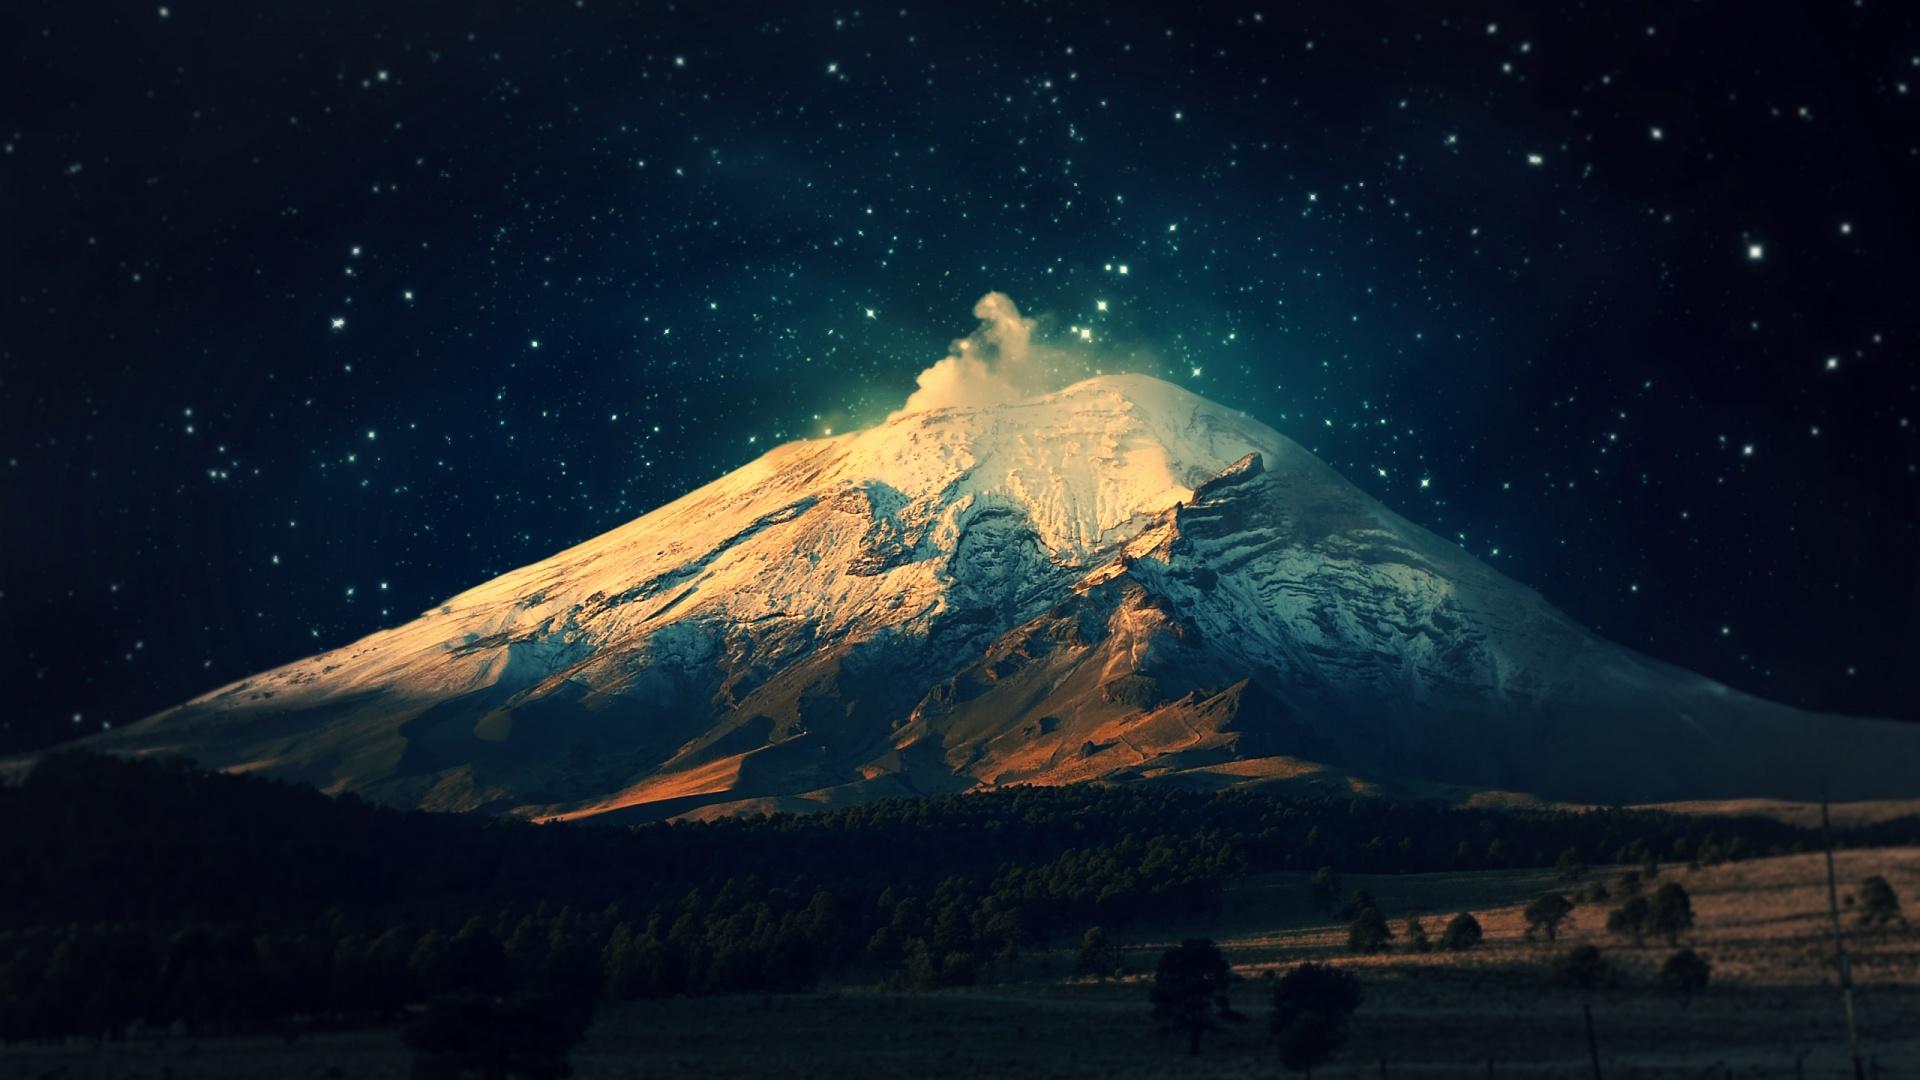 wallpapers sky starry snowy mountain mac 1920x1080 1920x1080